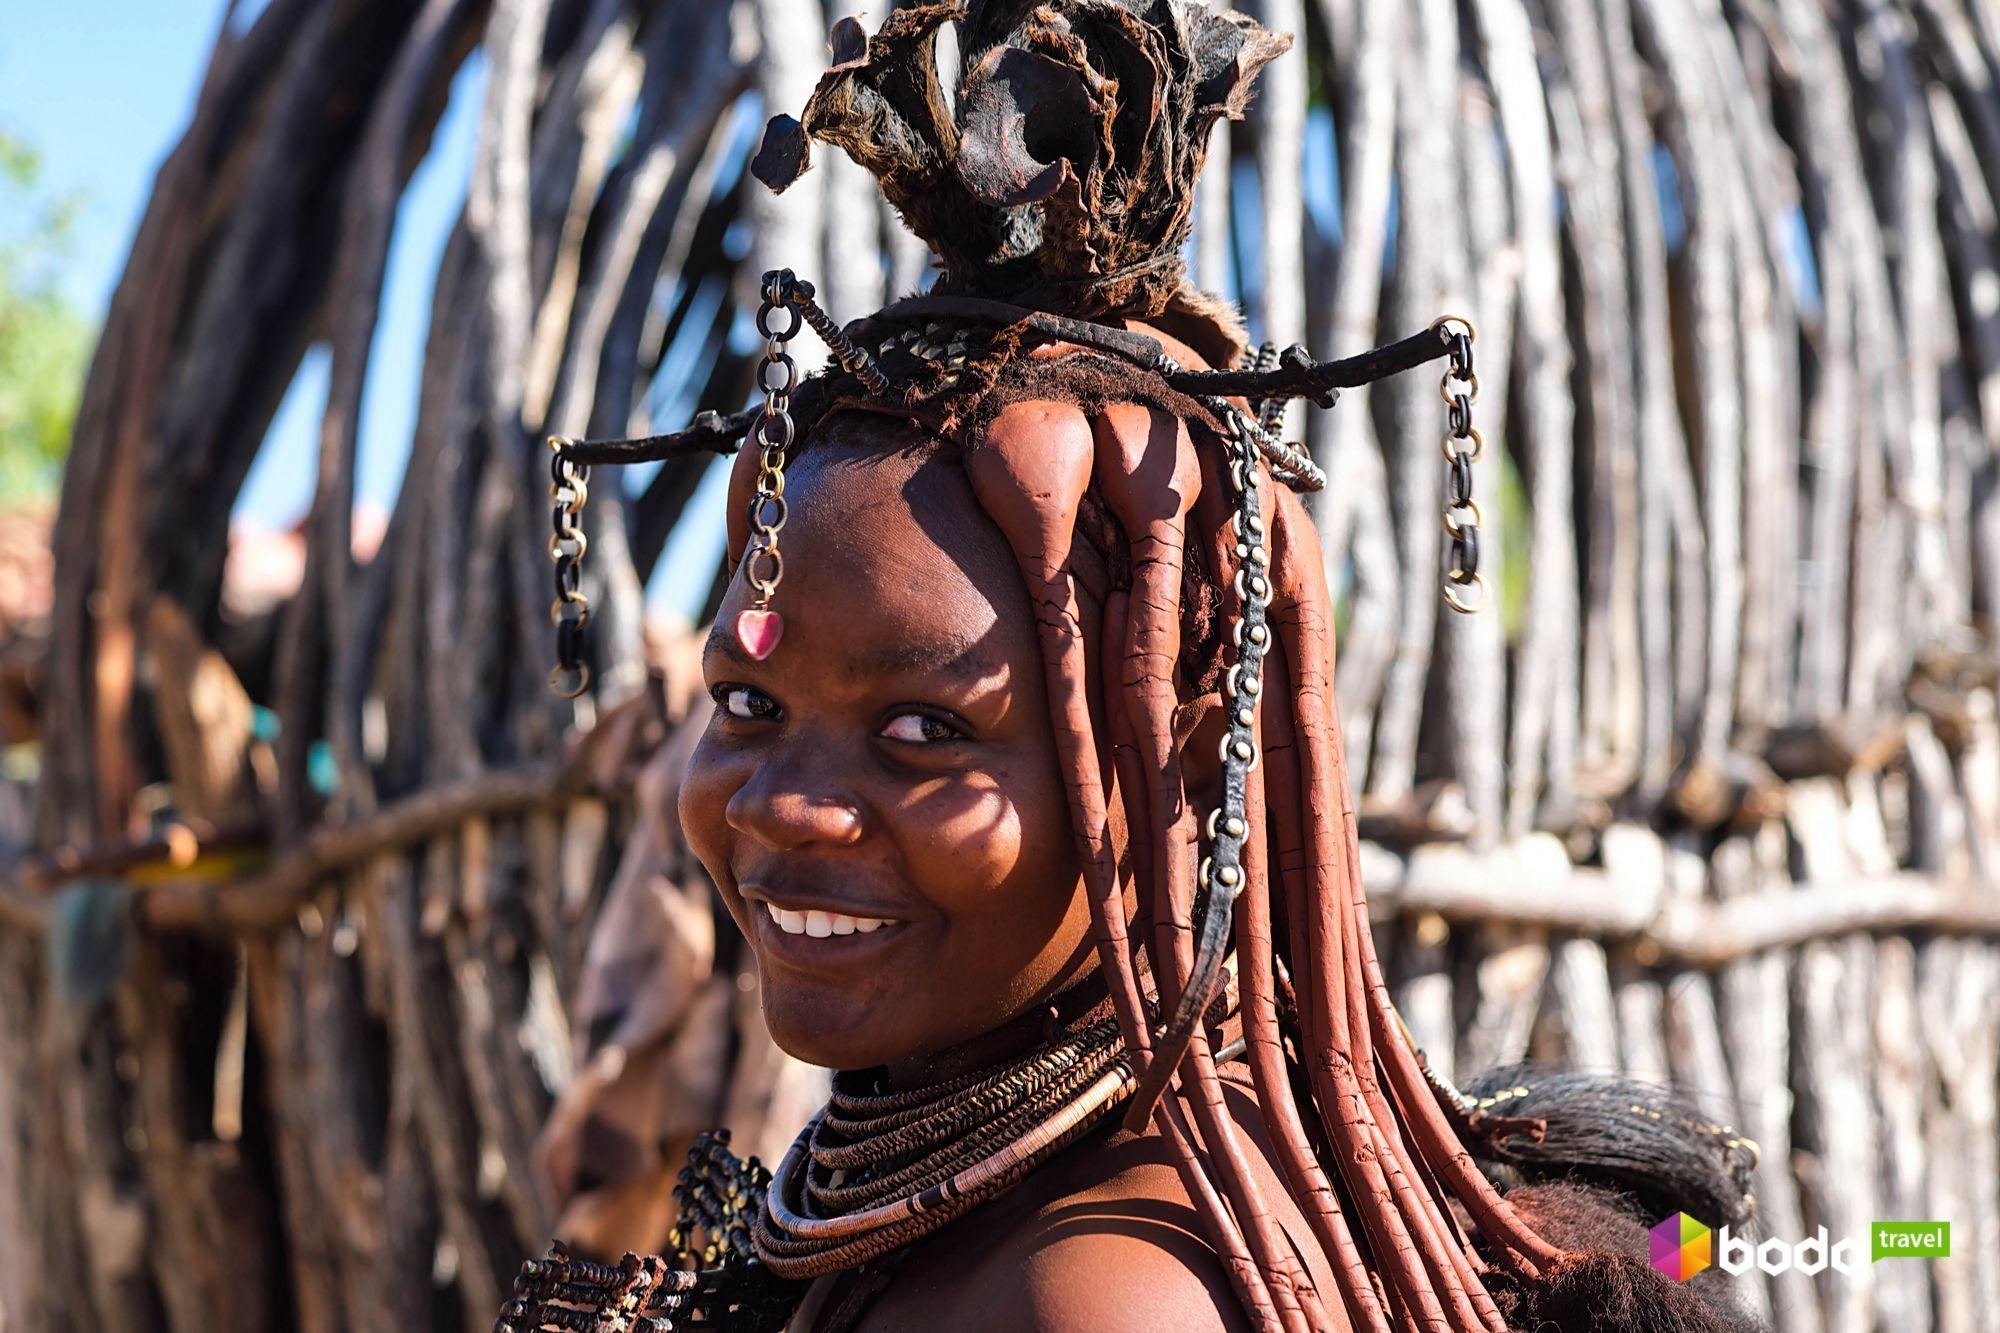 намібія жителі